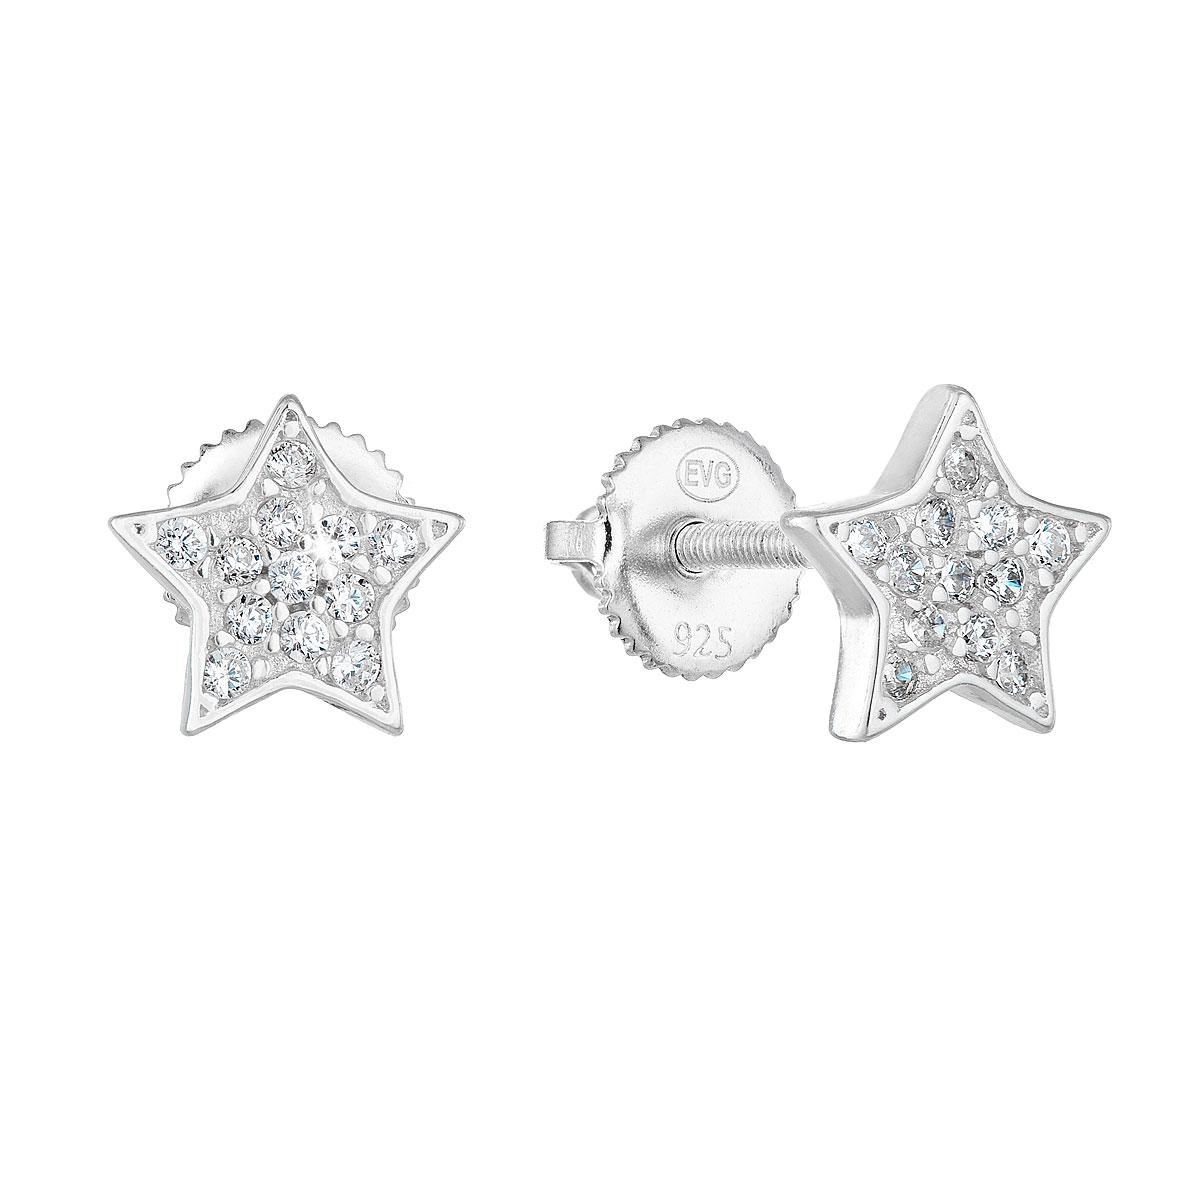 Strieborné náušnice kôstka so zirkónom biela hviezdička 11259.1